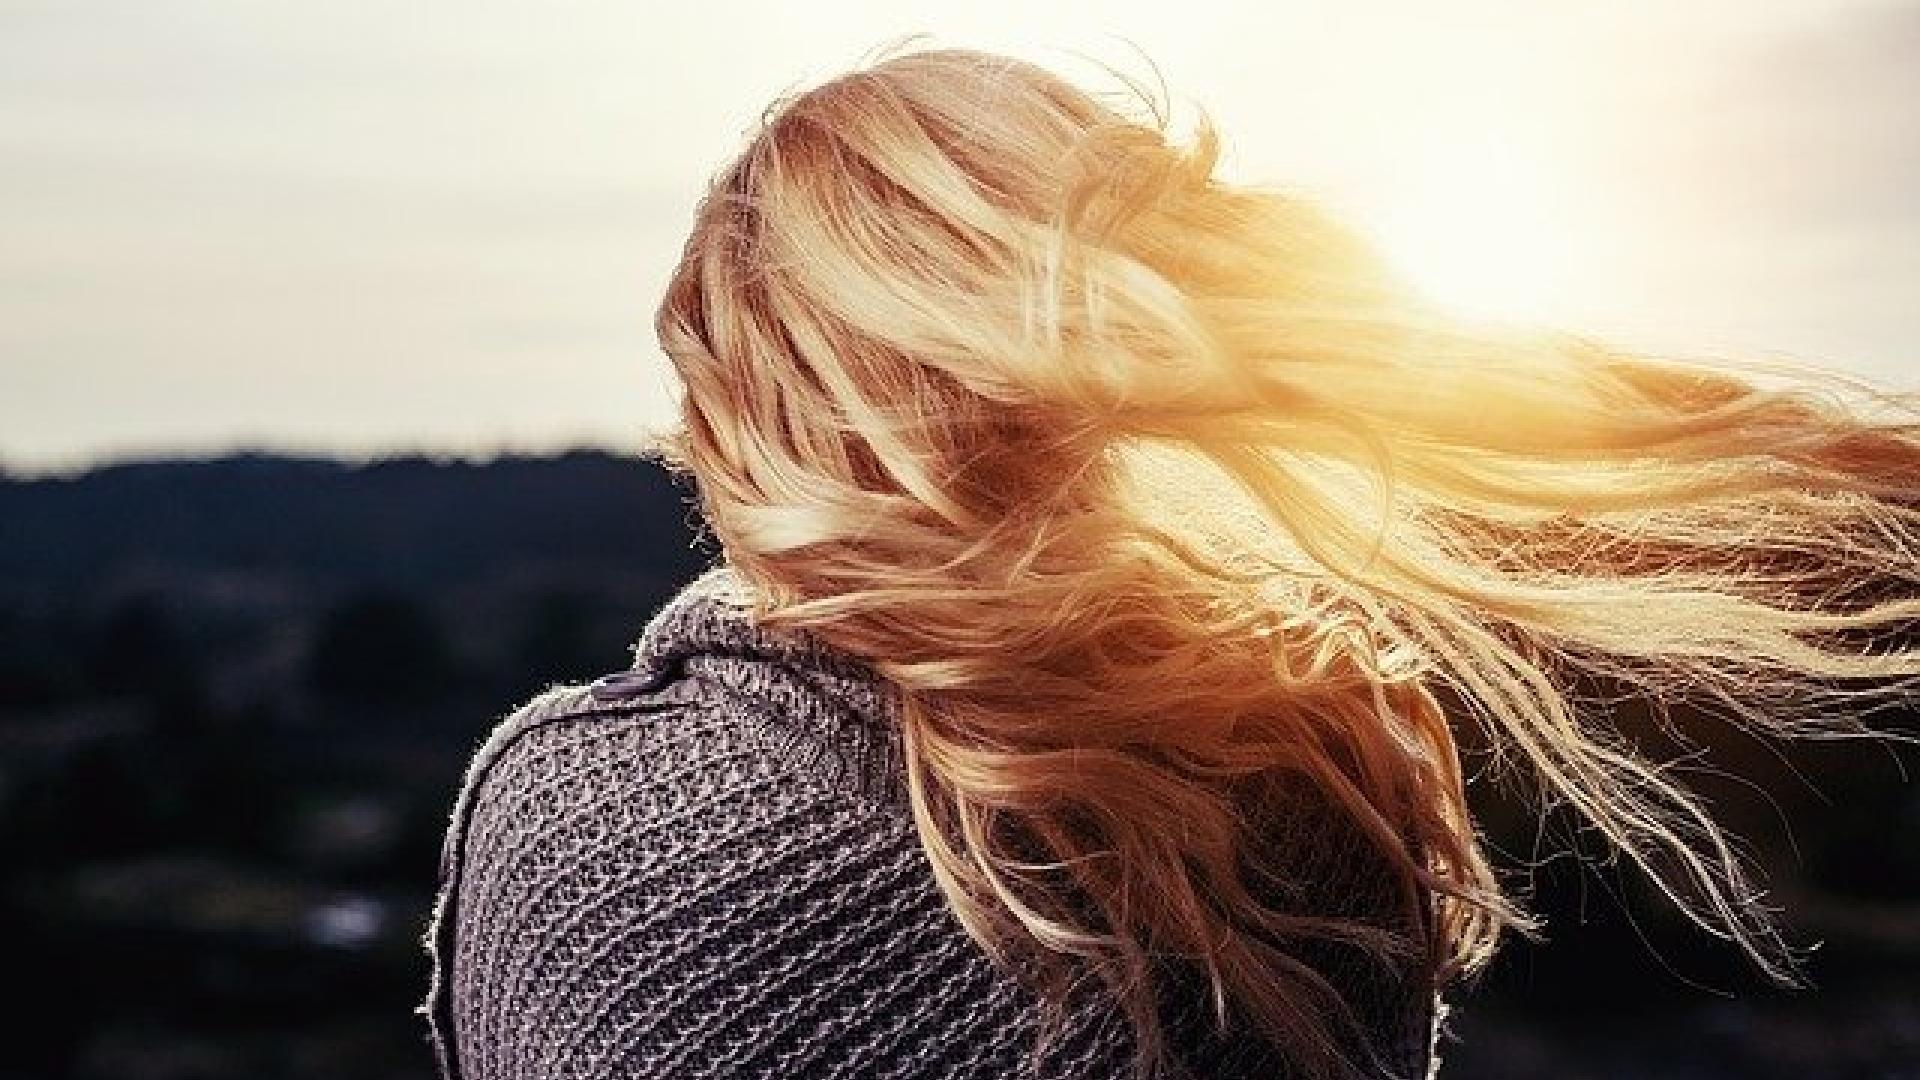 Skóra Twojej głowy jest sucha i się łuszczy? Być może popełniasz TE błędy